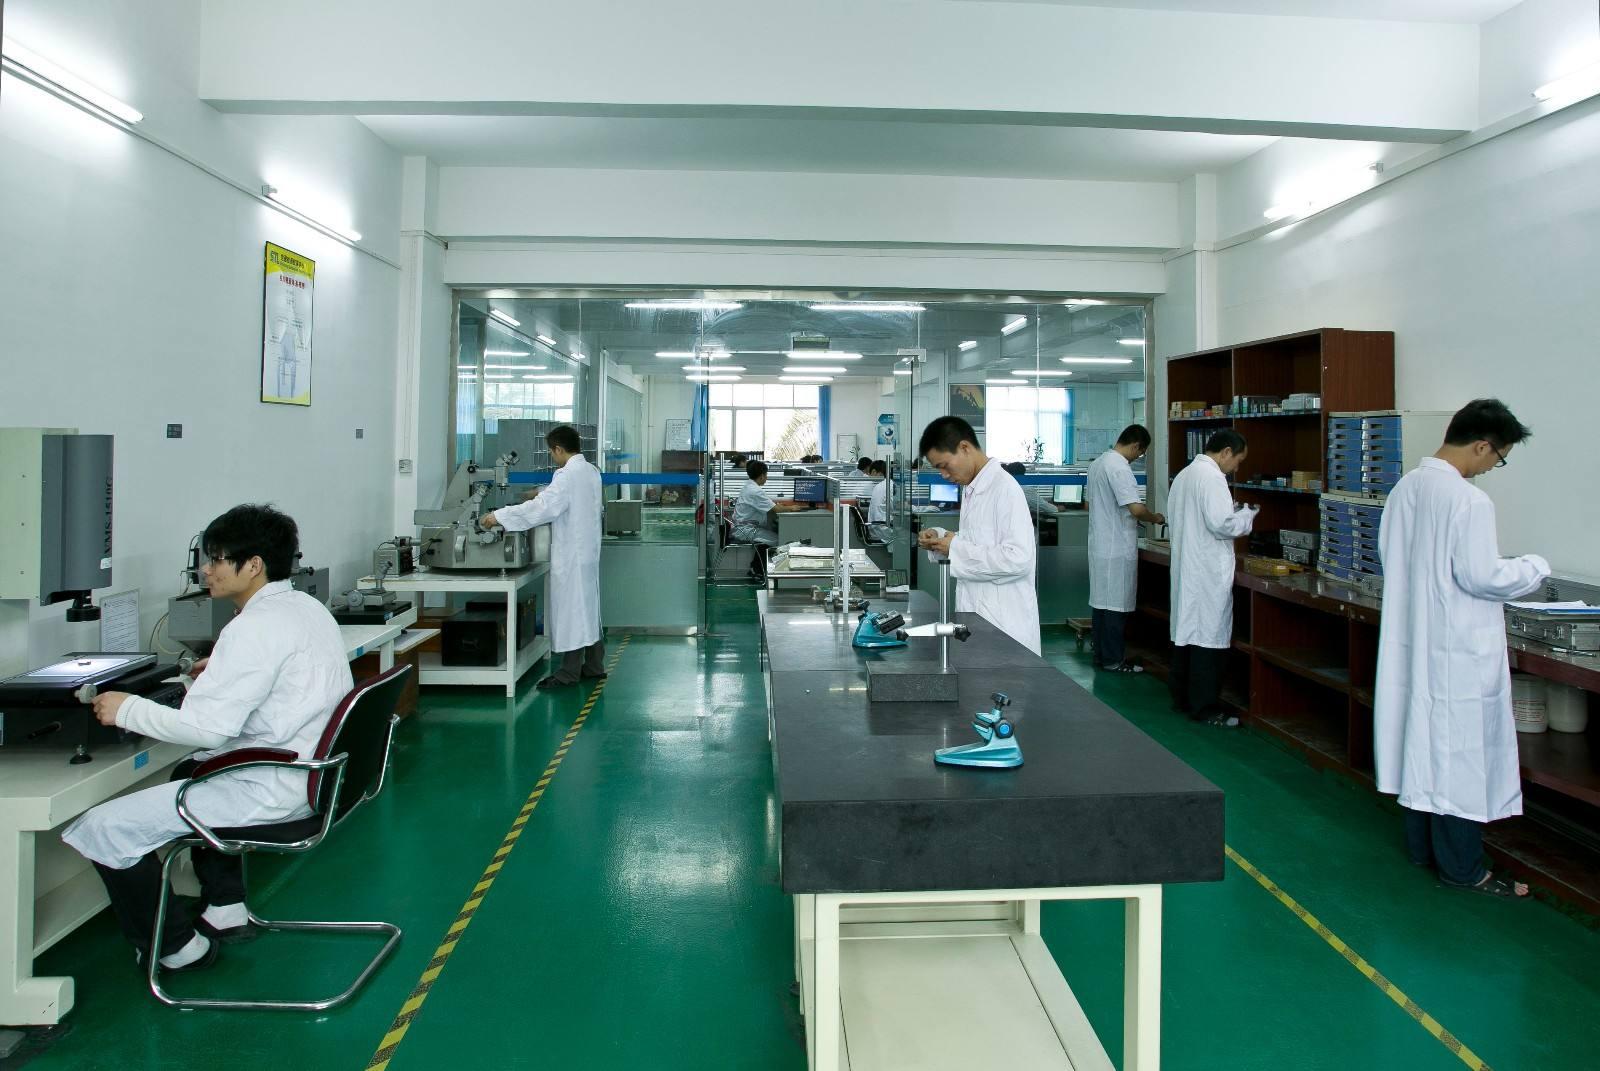 兴仁实验室设备校准/标定/校正/校验客观专业独立公正